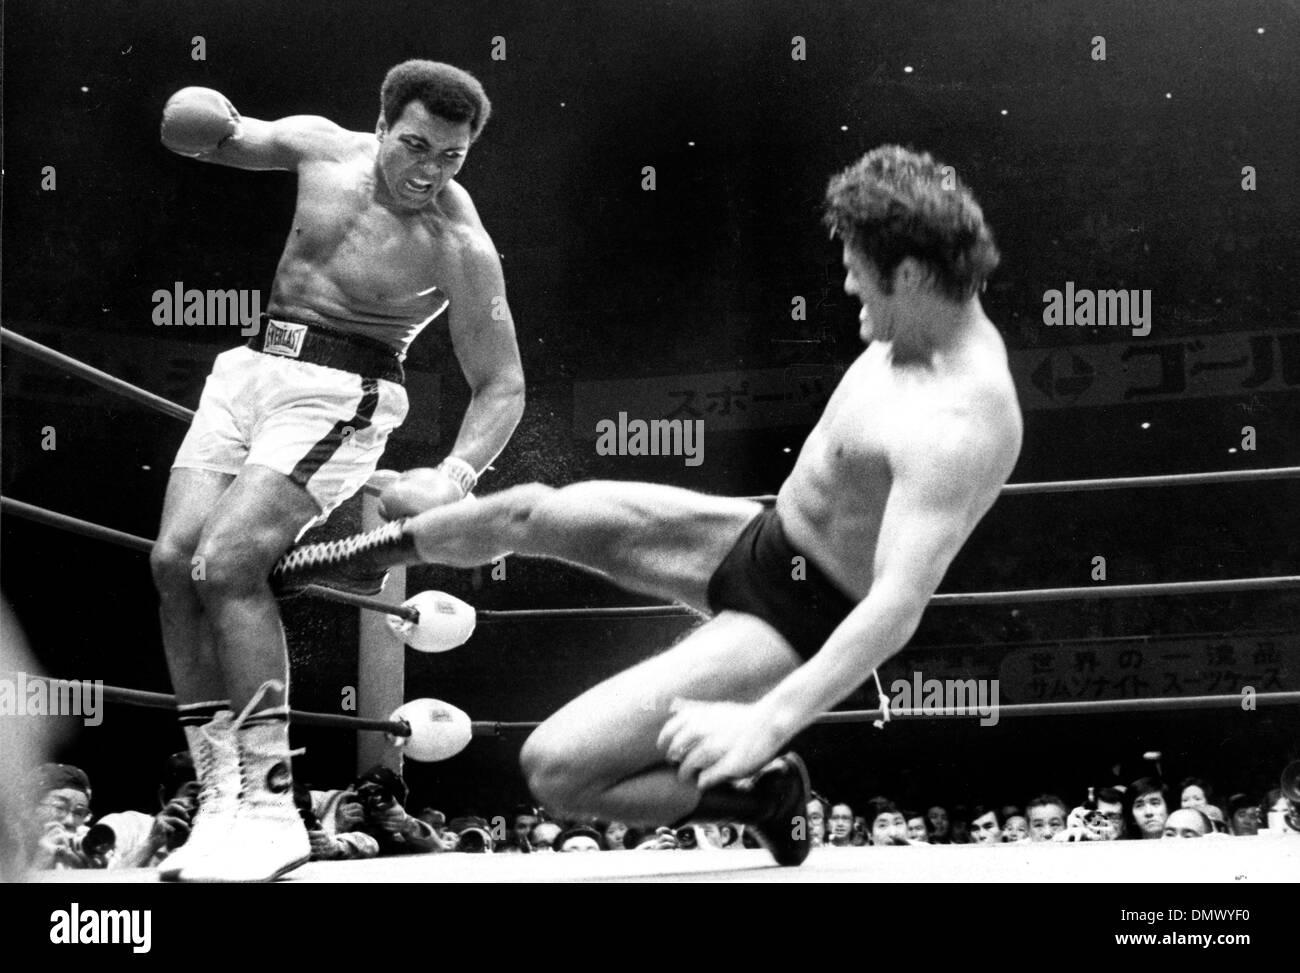 Abril 11, 1956 - Tokio, Japón - Muhammad Ali o Cassius Clay, como el boxeador peso pesado dominante en los decenios de 1960 y 1970, Muhammad Ali ganó una medalla de oro olímpica, capturados en el mundo profesional HEAVYWEIGHT CHAMPIONSHIP en tres ocasiones separadas, y defendió con éxito su título 19 veces. La imagen muestra Ali durante una pelea en Tokio, Japón. (Crédito de la Imagen: © KEYSTONE Fotos EE.UU./. Imagen De Stock